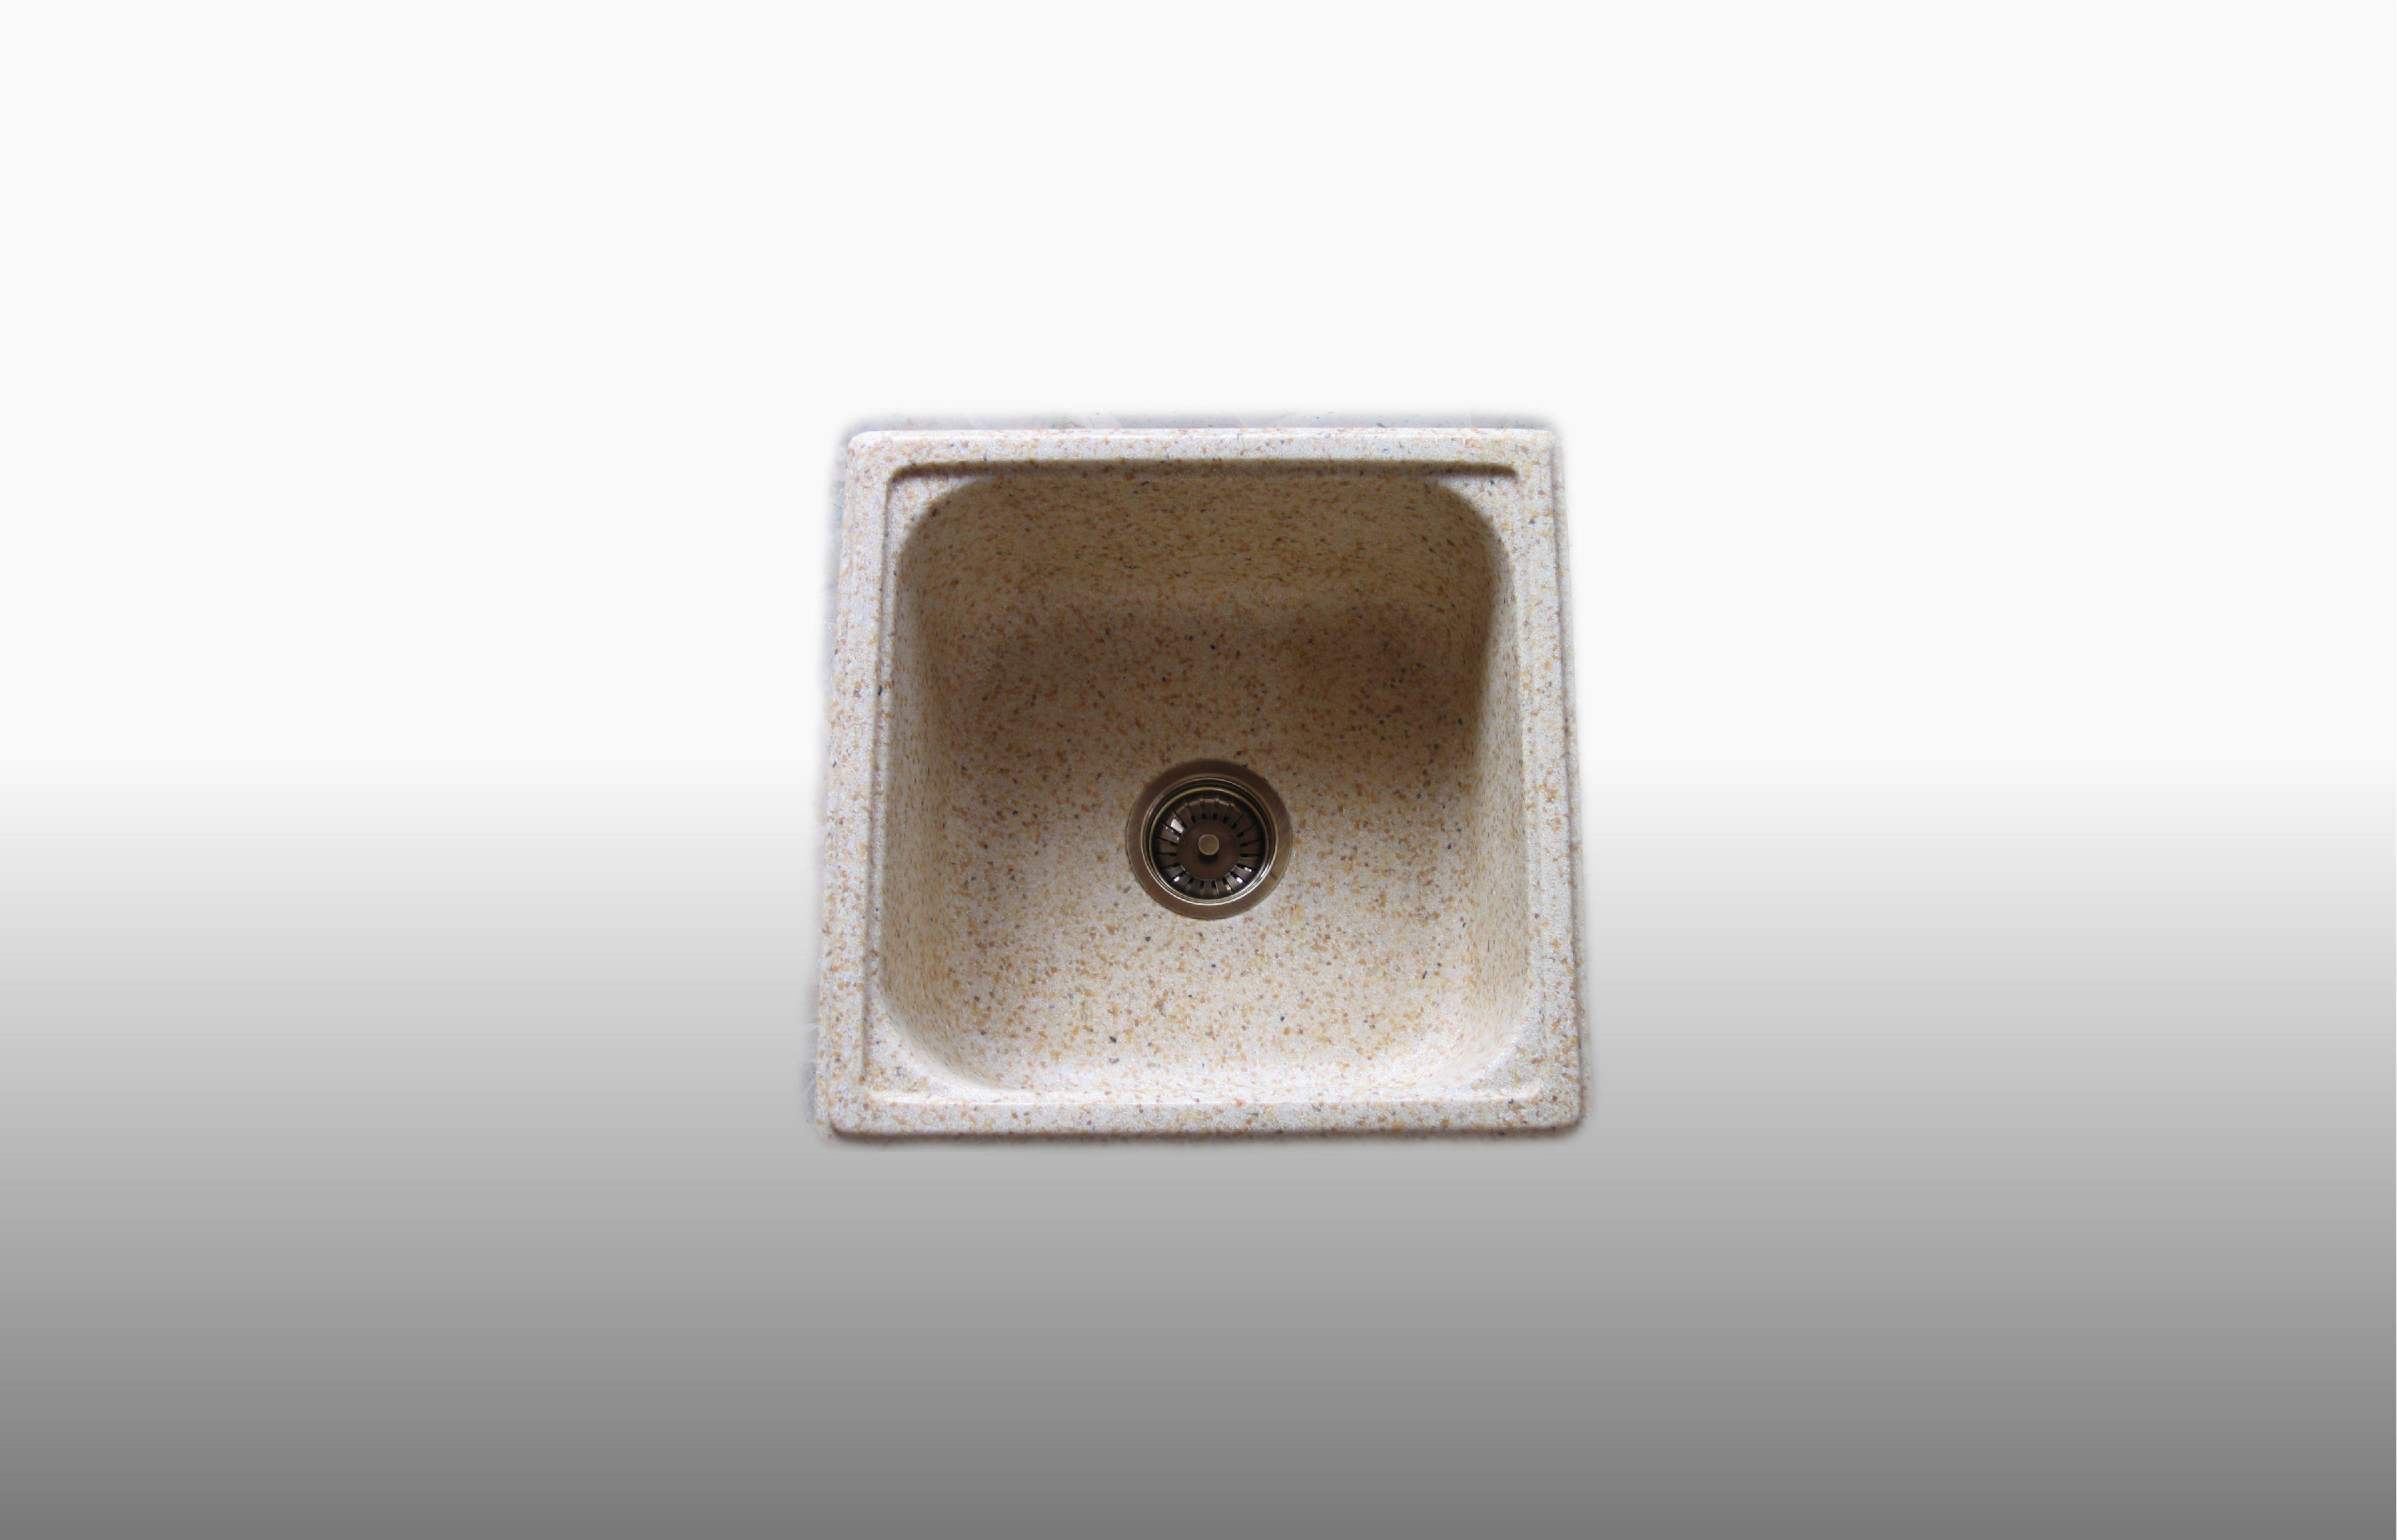 Lavello da incasso in graniglia  Vasche colore avorio - misura 47x47 cm  - prezzo 150,00 - 190 €